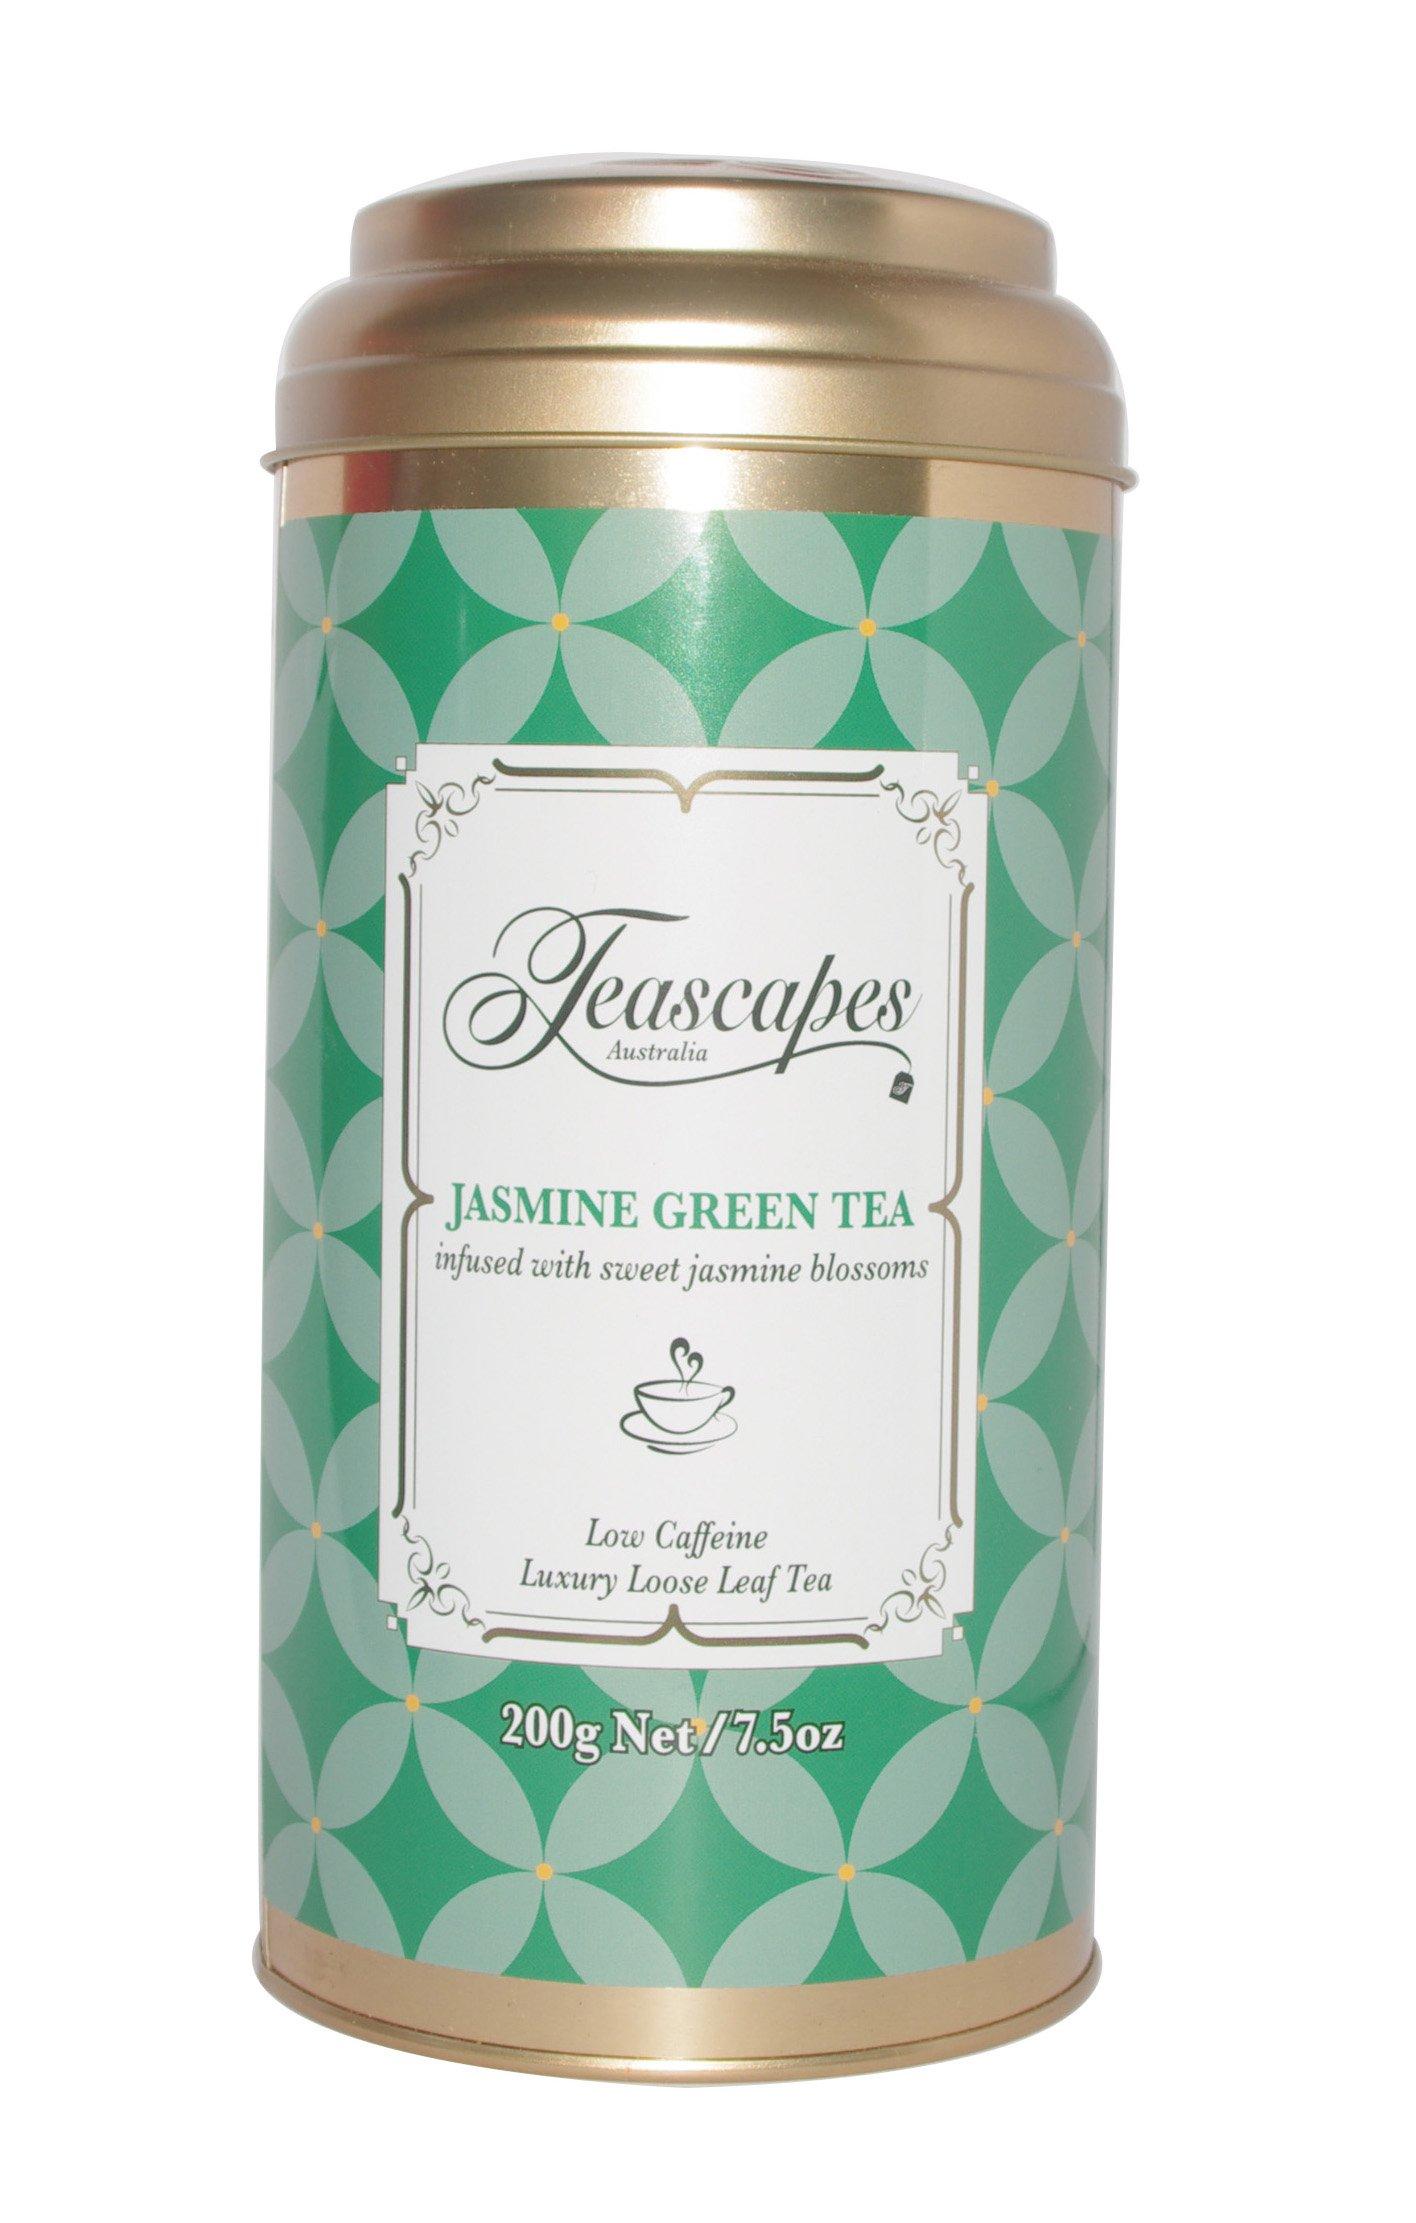 Image of Jasmine Green Tea, Luxury Loose Leaf